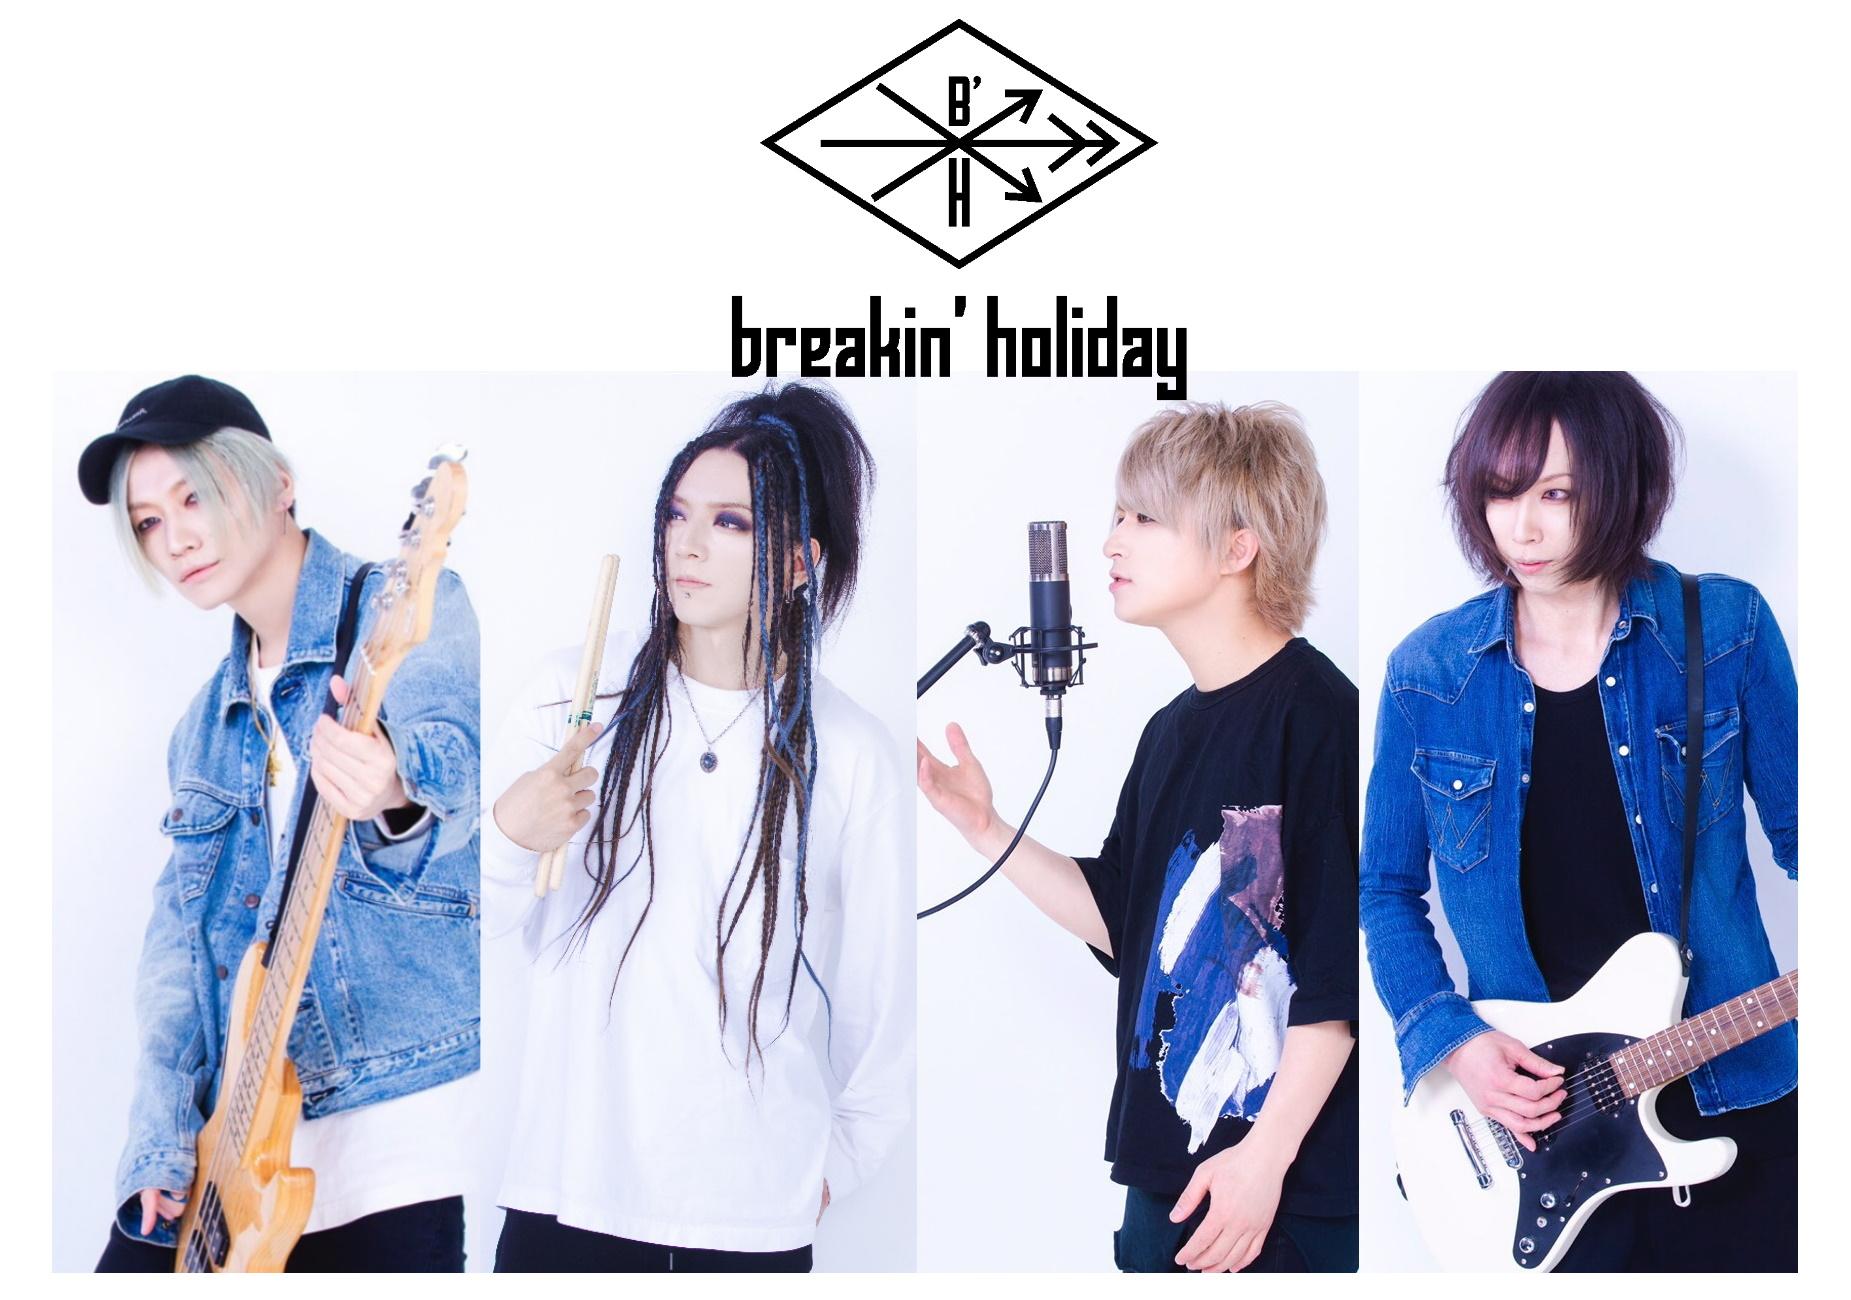 【NEWS】新体制breakin'holidayに、JuriとAggyの朋友Sujk(ex Far East Dizain)が固定サポートドラムとして参加決定!